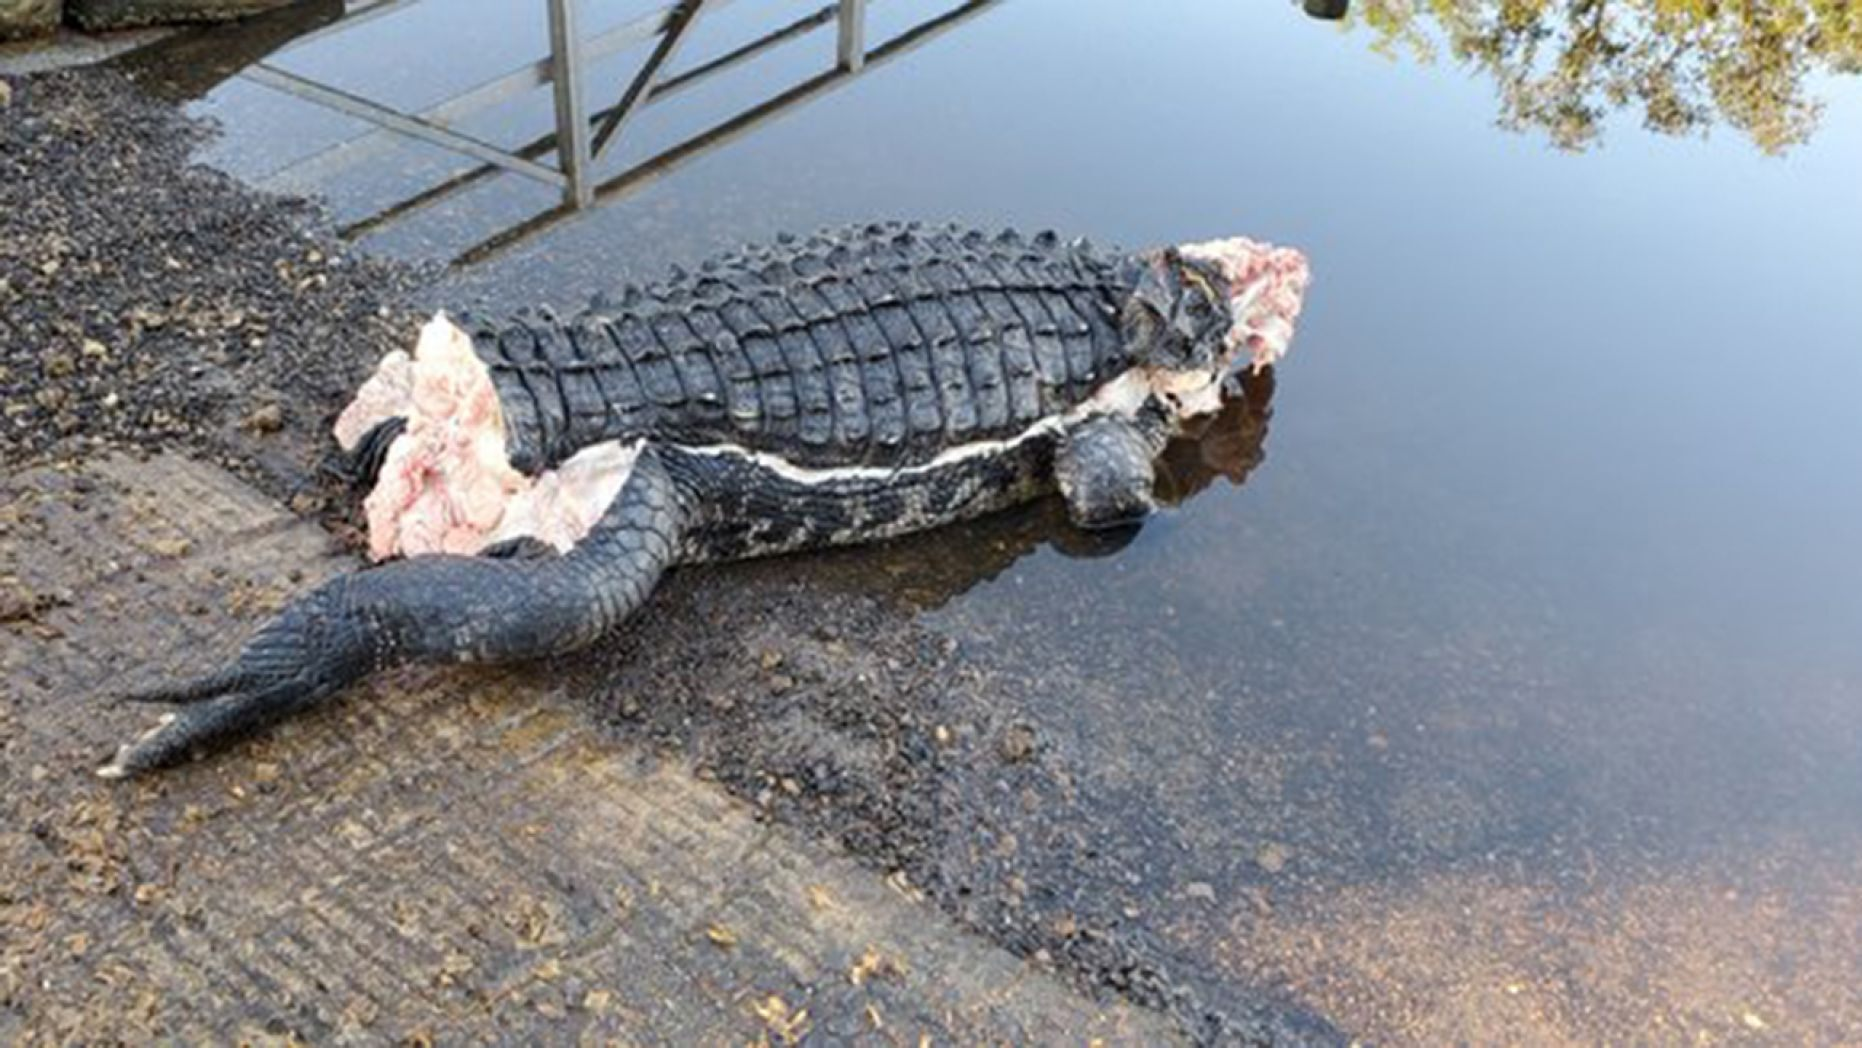 Un aligator a fost găsit mutilat în Florida. Care ar fi cauza